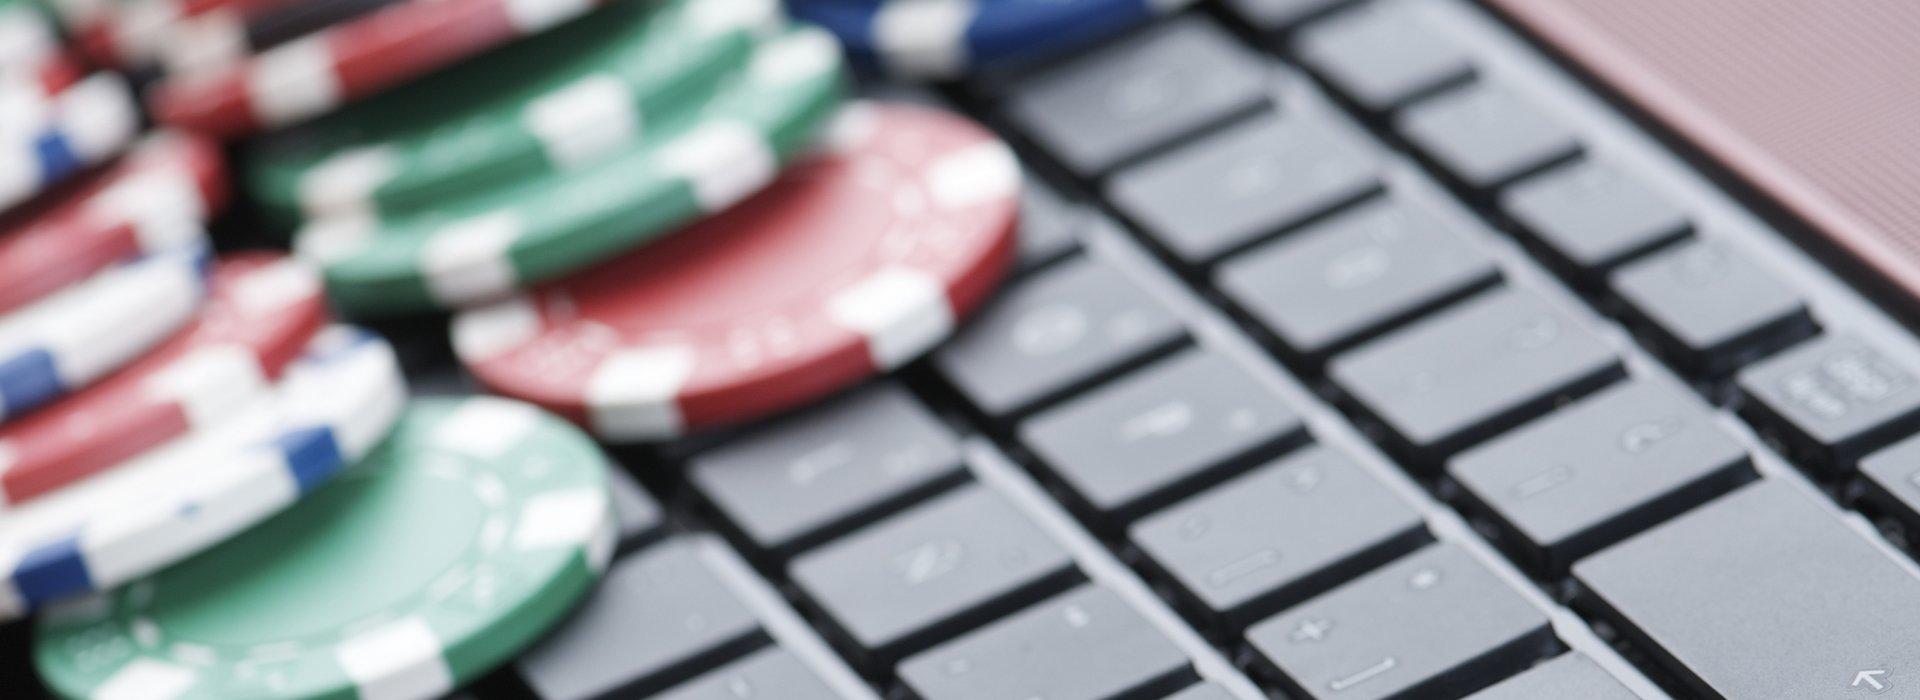 casino online hungary